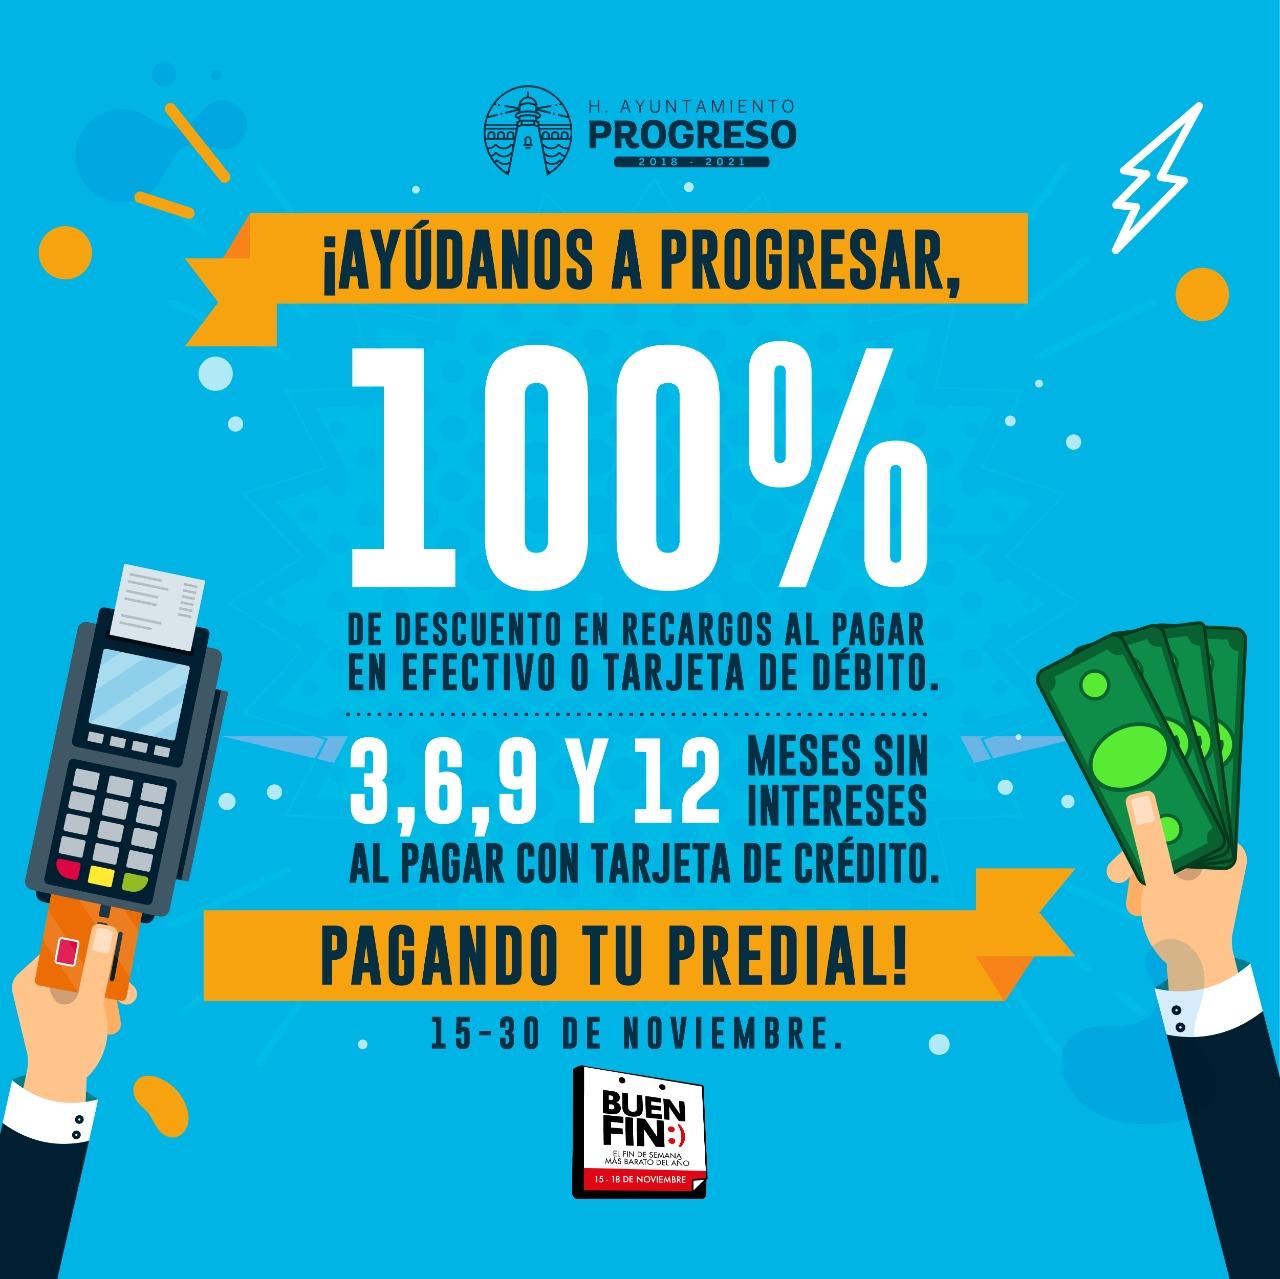 """Ayuntamiento de Progreso participa con el """"Buen Fin"""", a través de descuentos en el pago del predial - www.mipuntodevista.com.mx"""